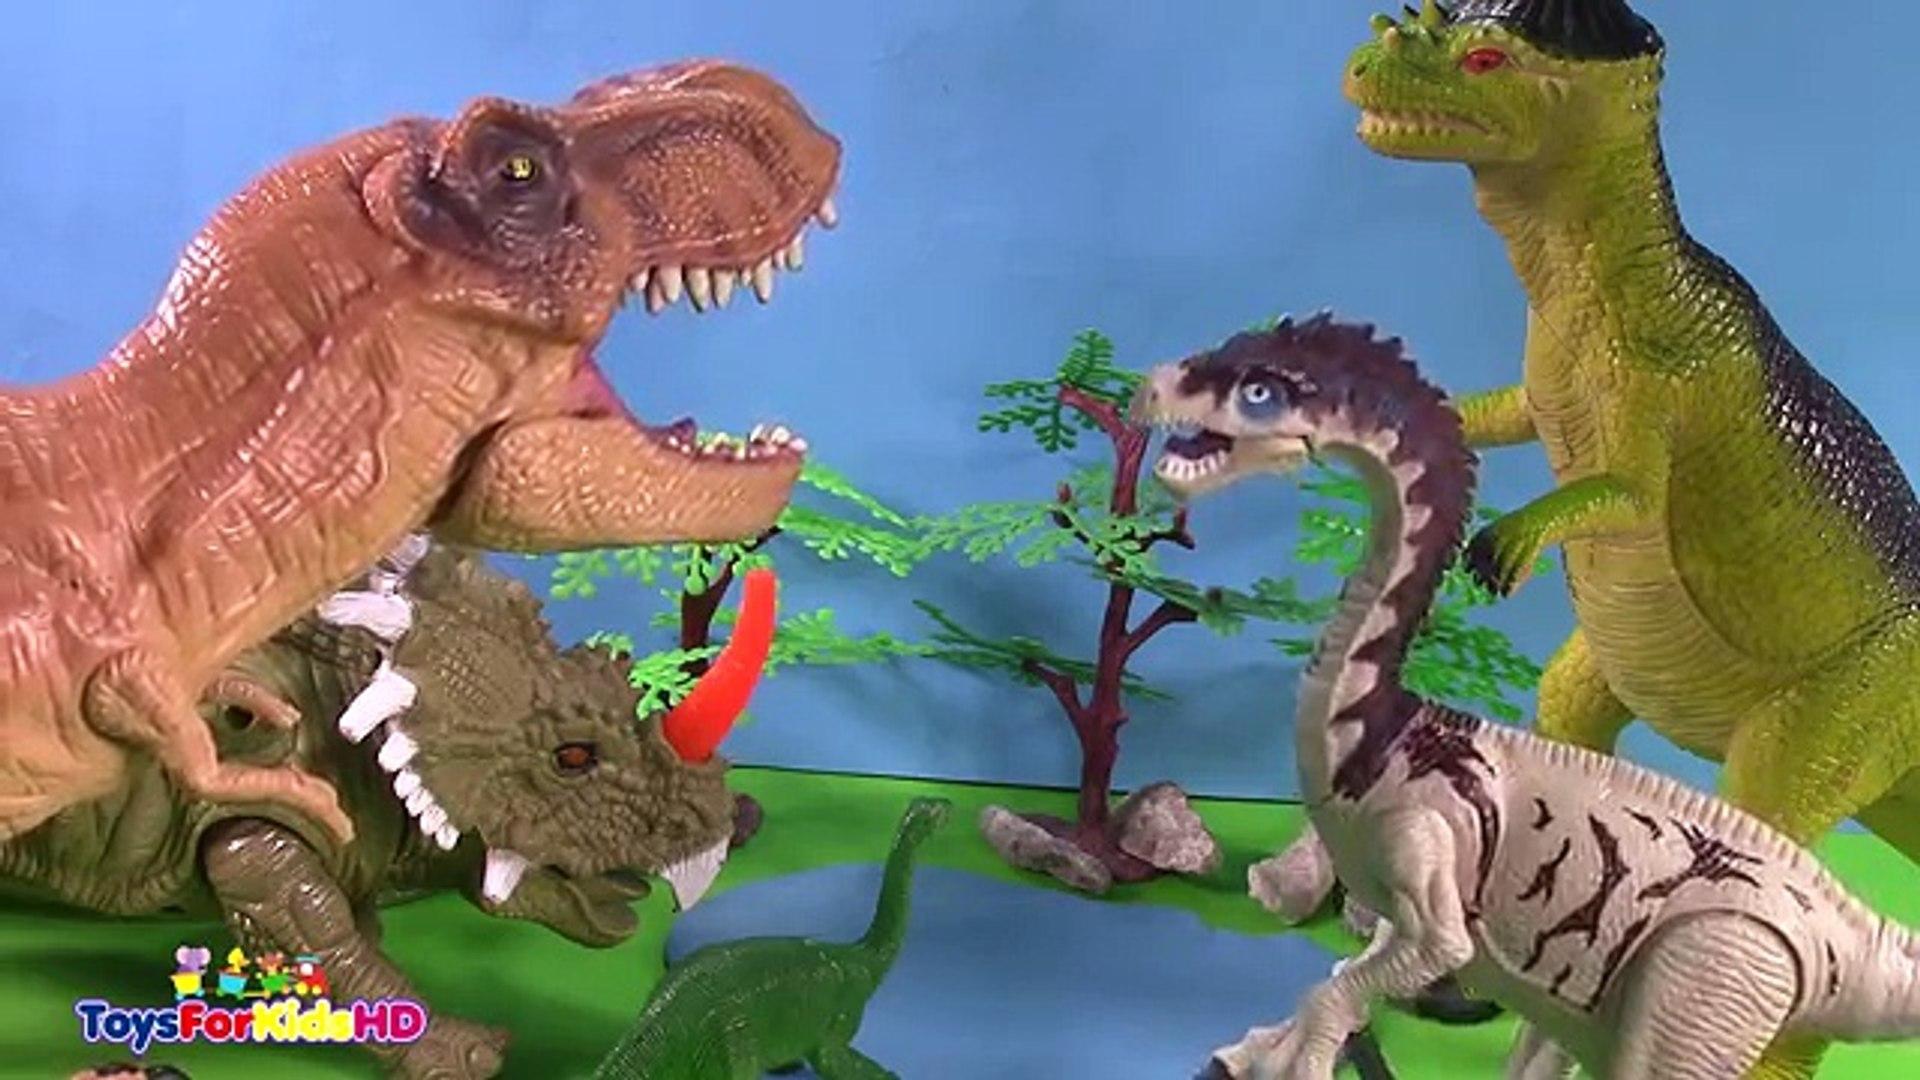 El Toysforkidshd Amistoso Para Los Niños T Rex Dinosaurios Videos De 4R3jLA5qcS